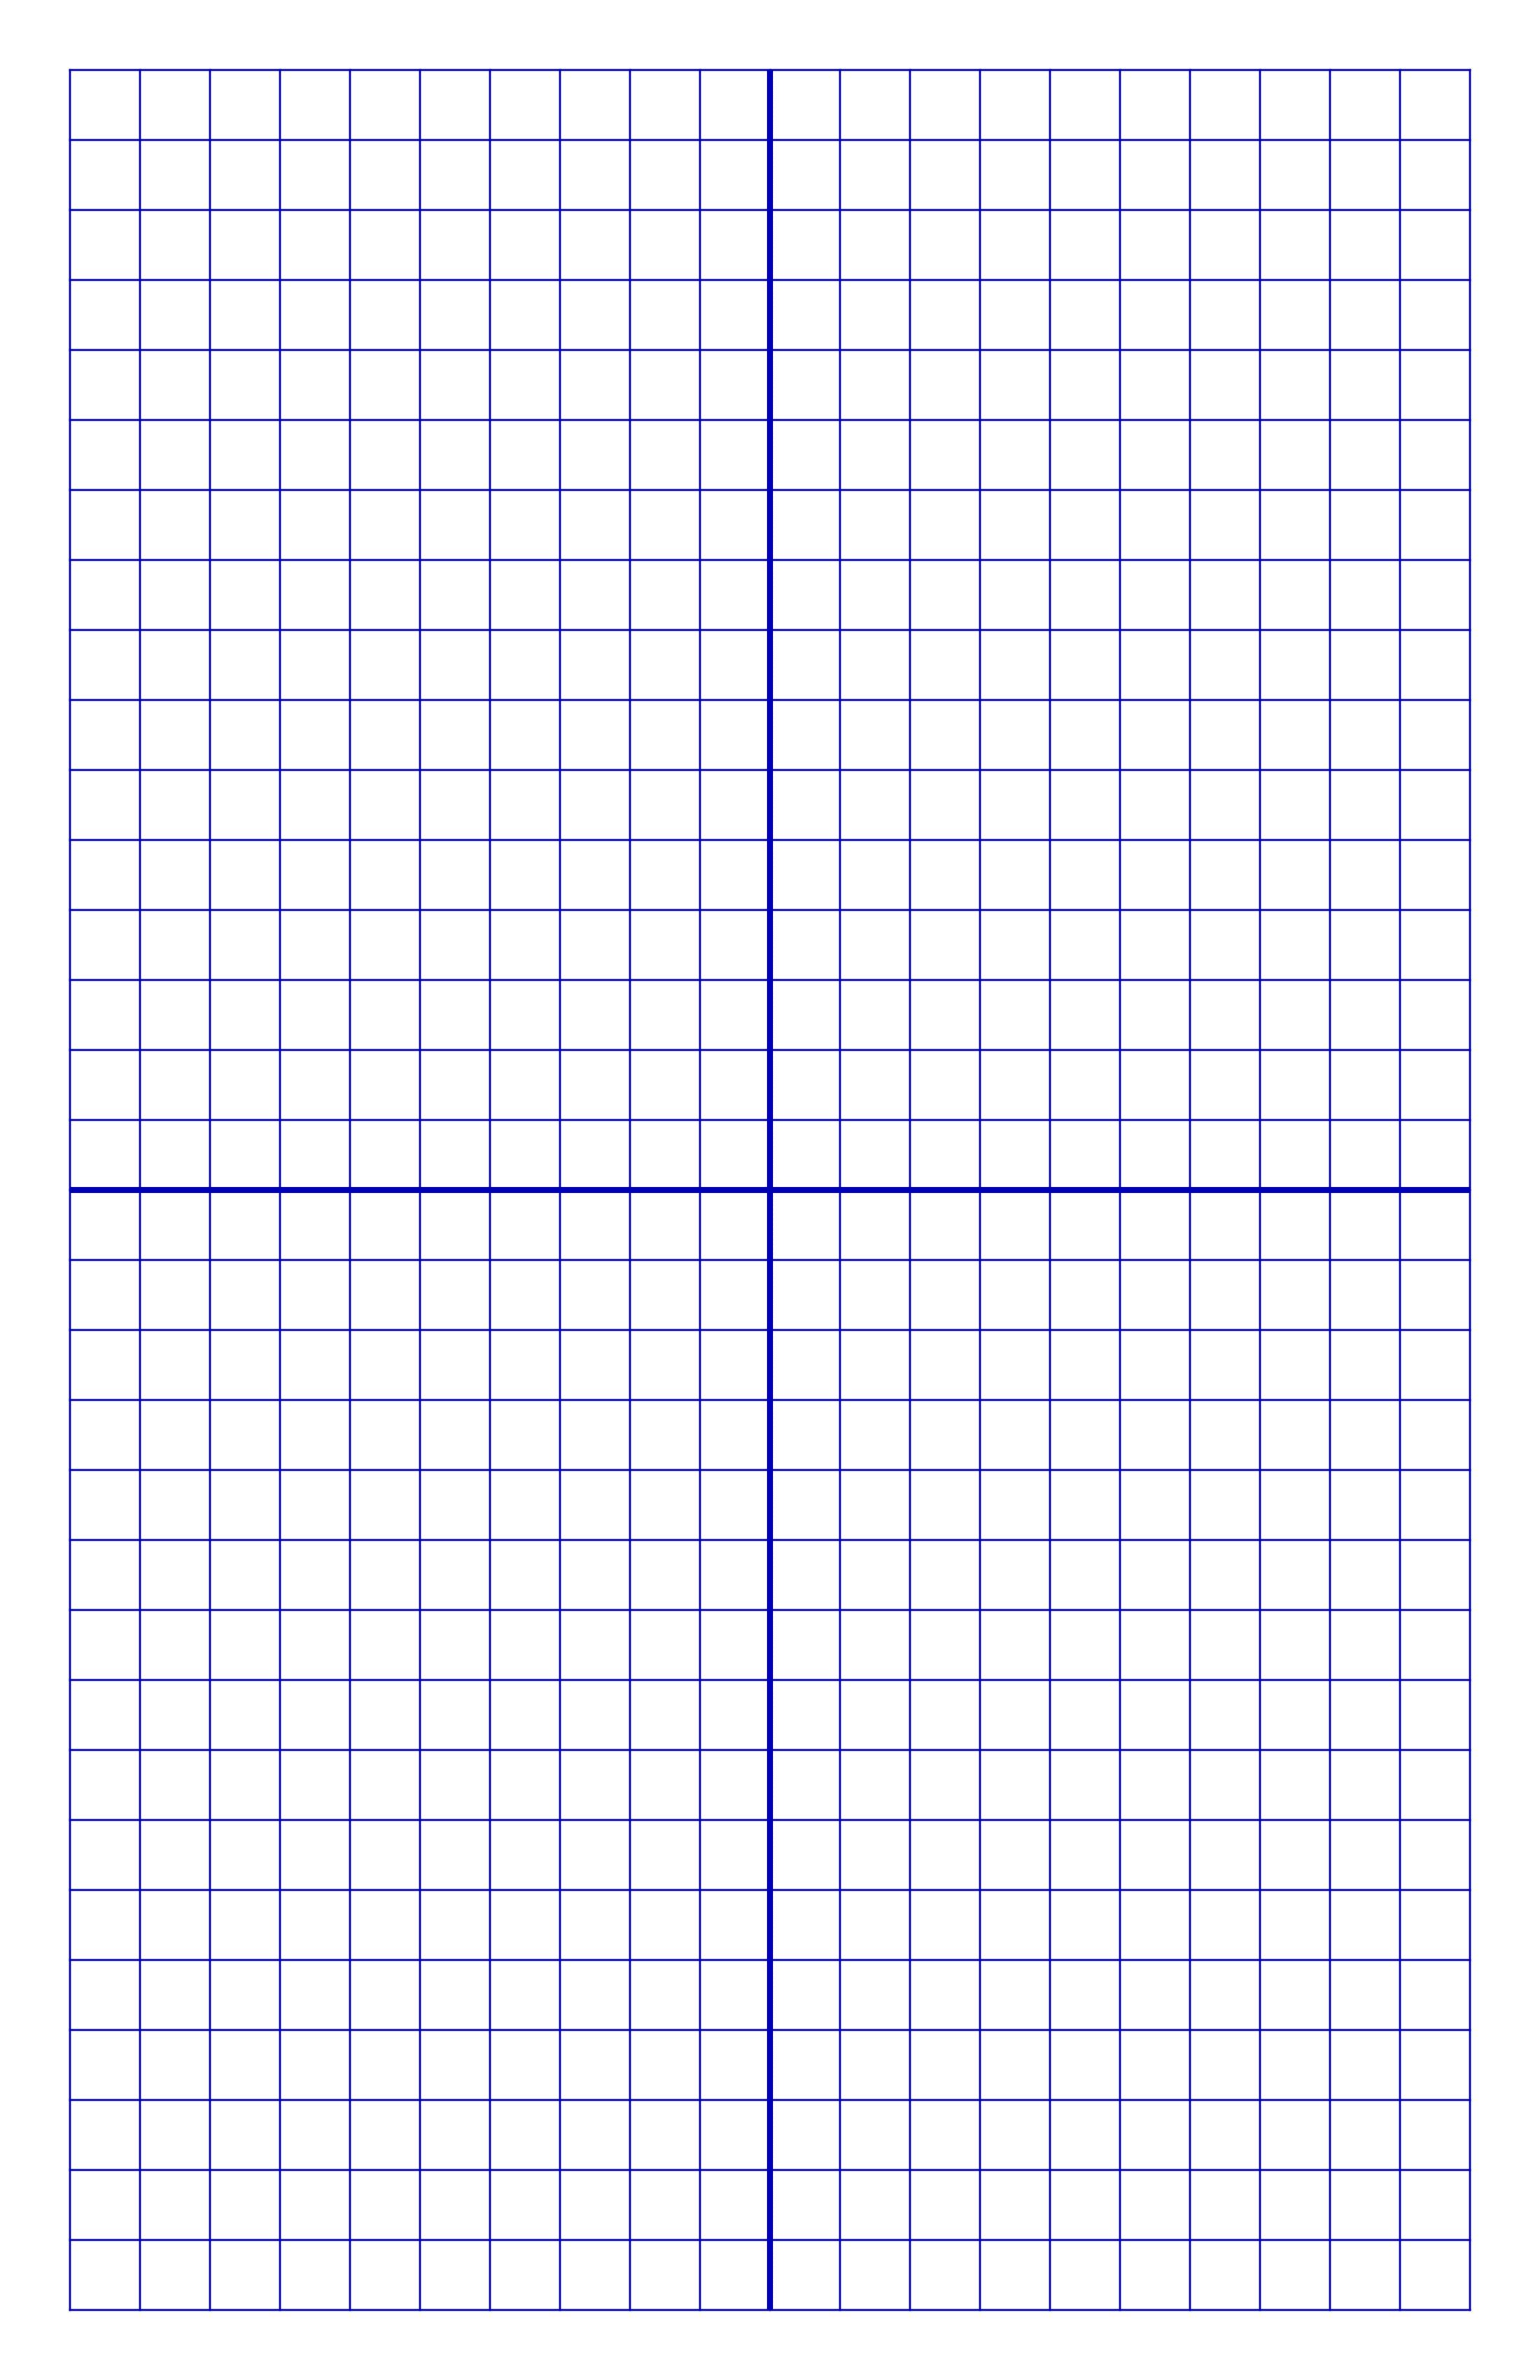 Unique Printable Isometric Paper Exceltemplate Xls Xlstemplate Xlsformat Excelformat